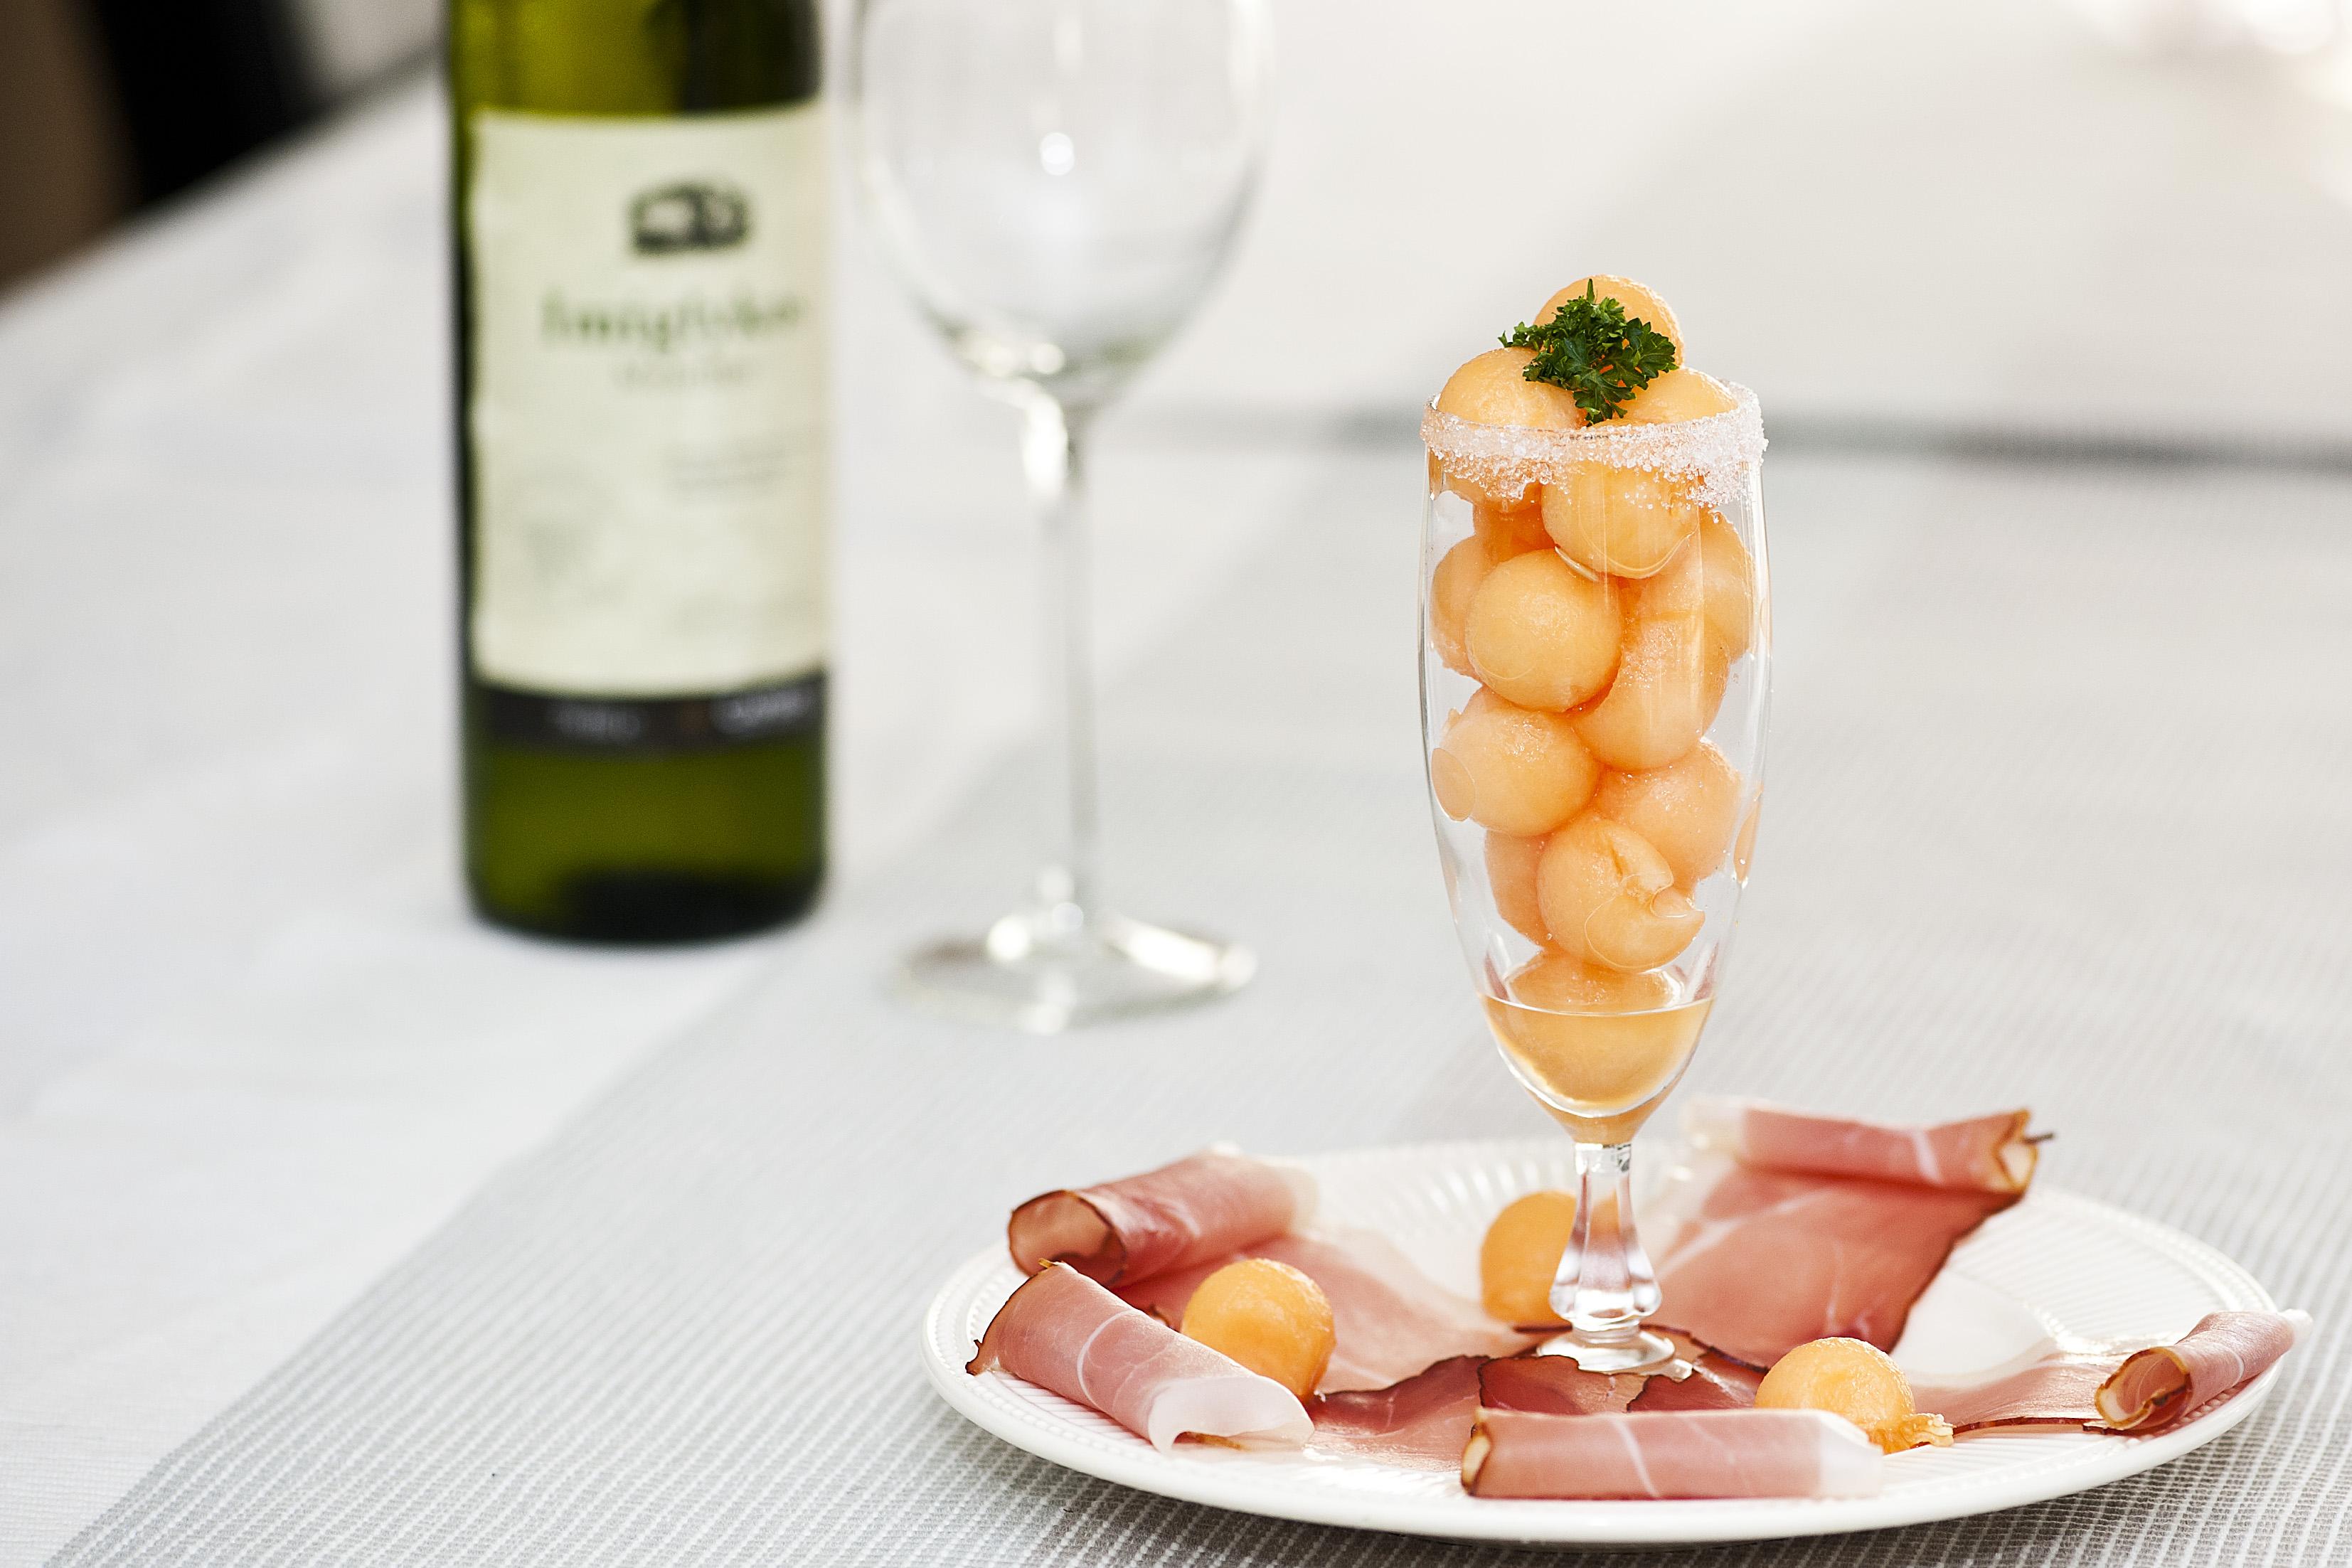 20120907_Pauls_Cuisine_0058